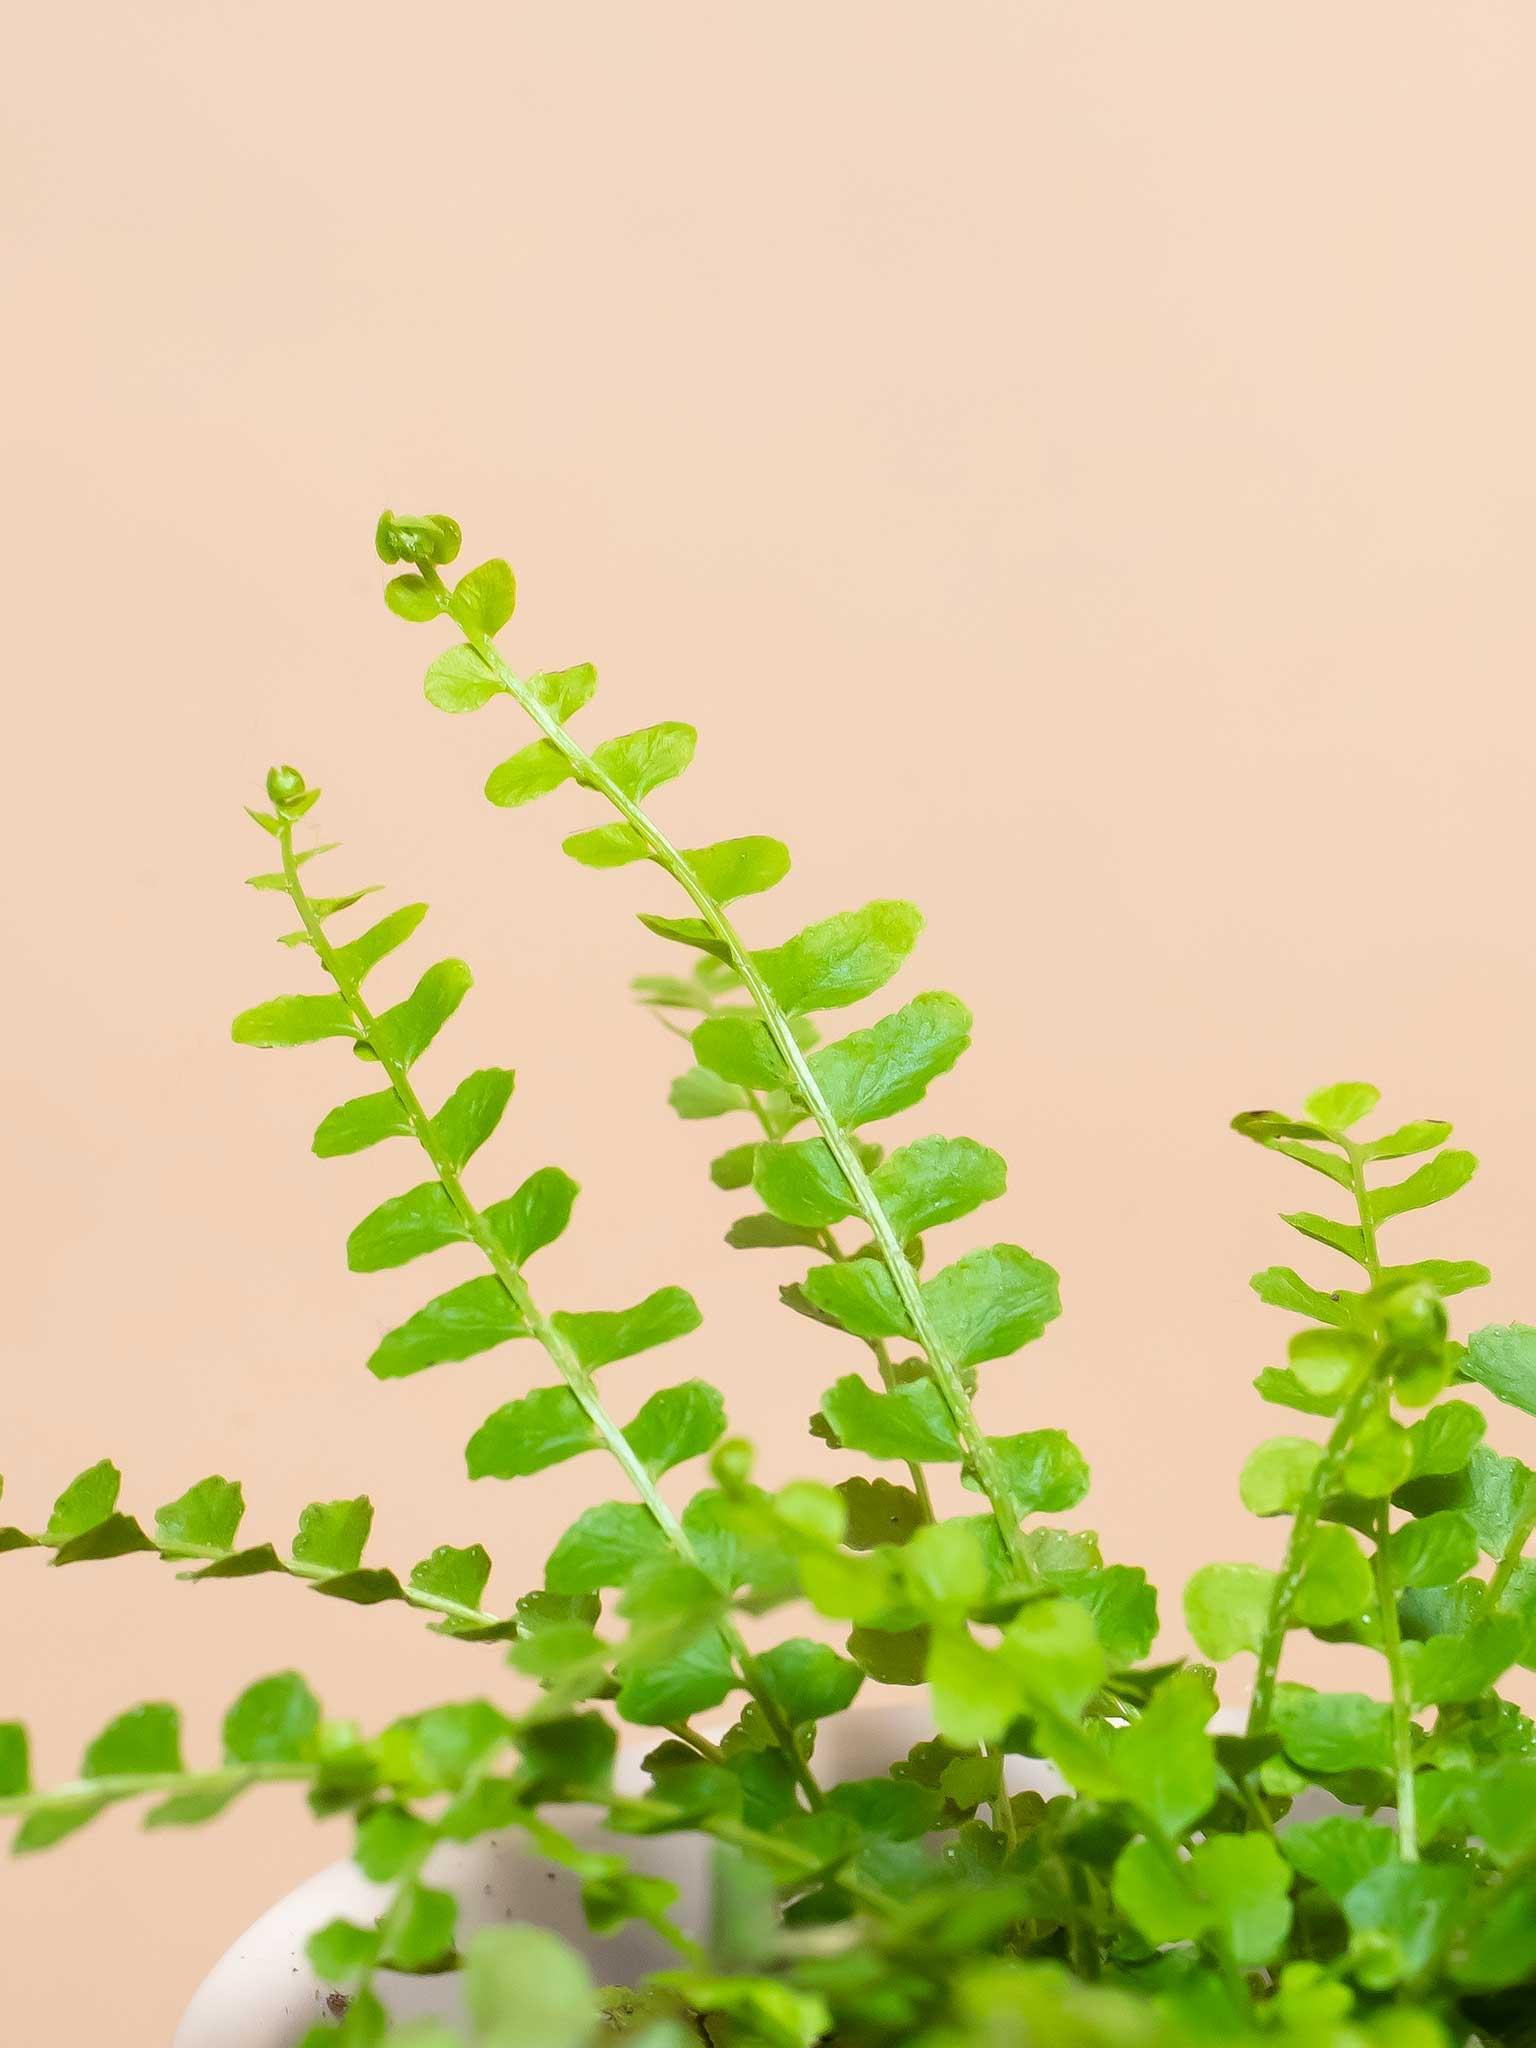 Lemon button fern leaf